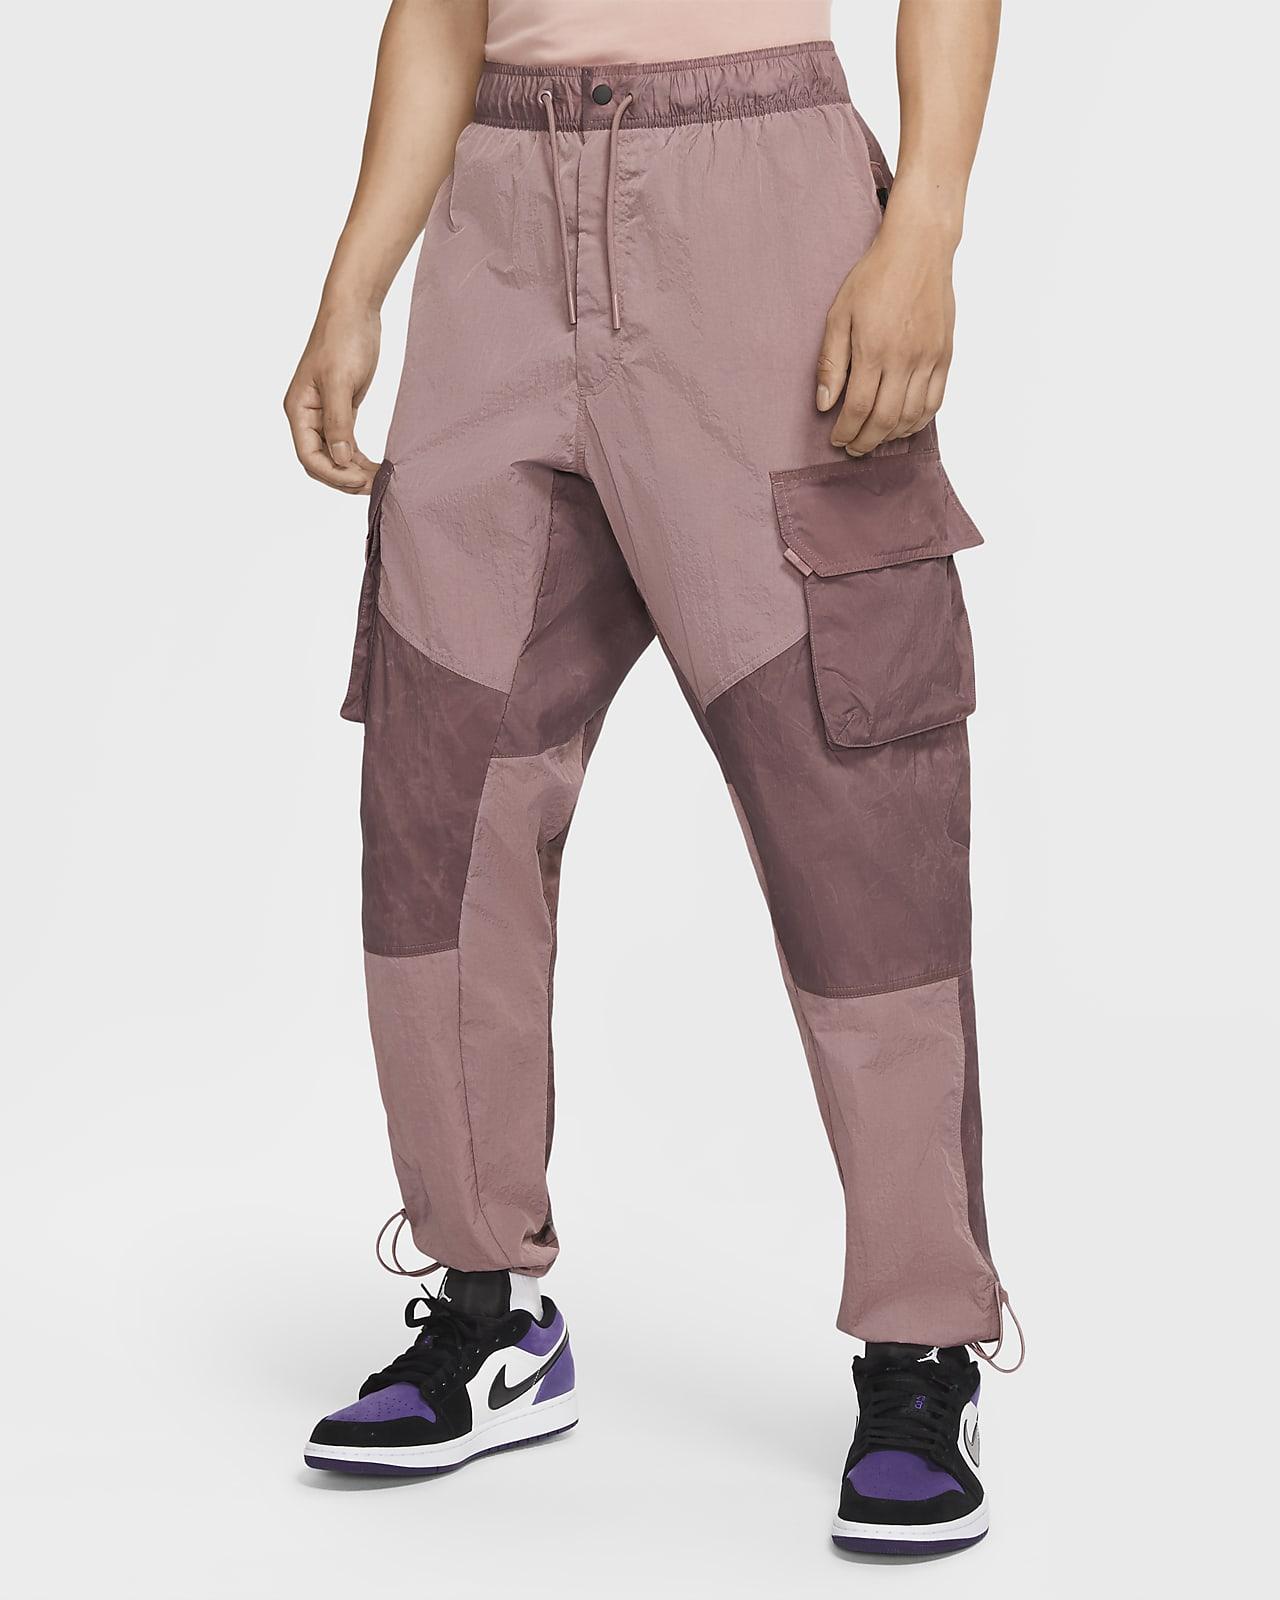 Jordan 23 Engineered Men's Cargo Pants